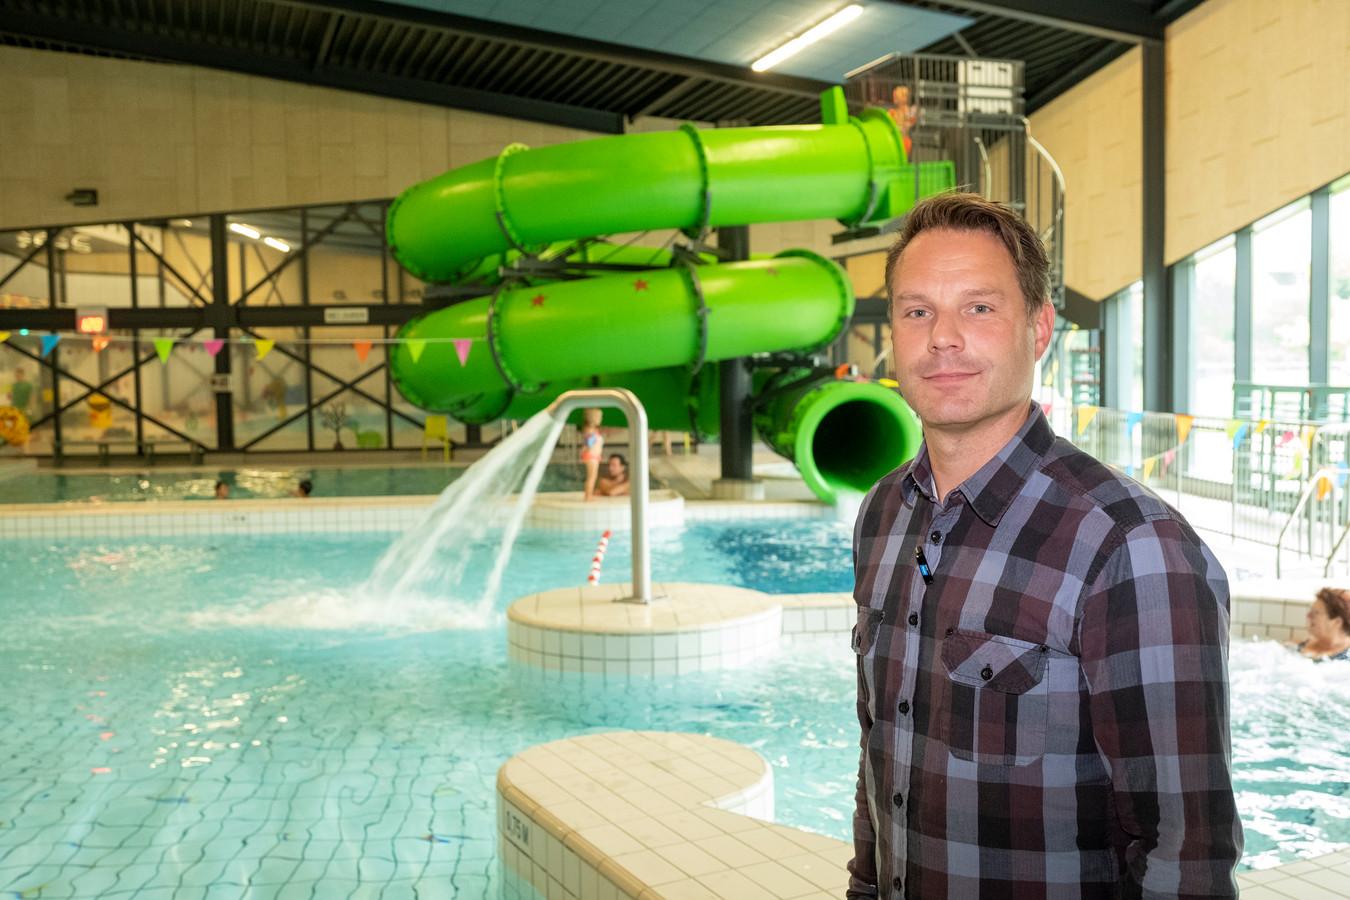 Daniël Brinkman, manager van zwembad De Koekoek in Vaassen.